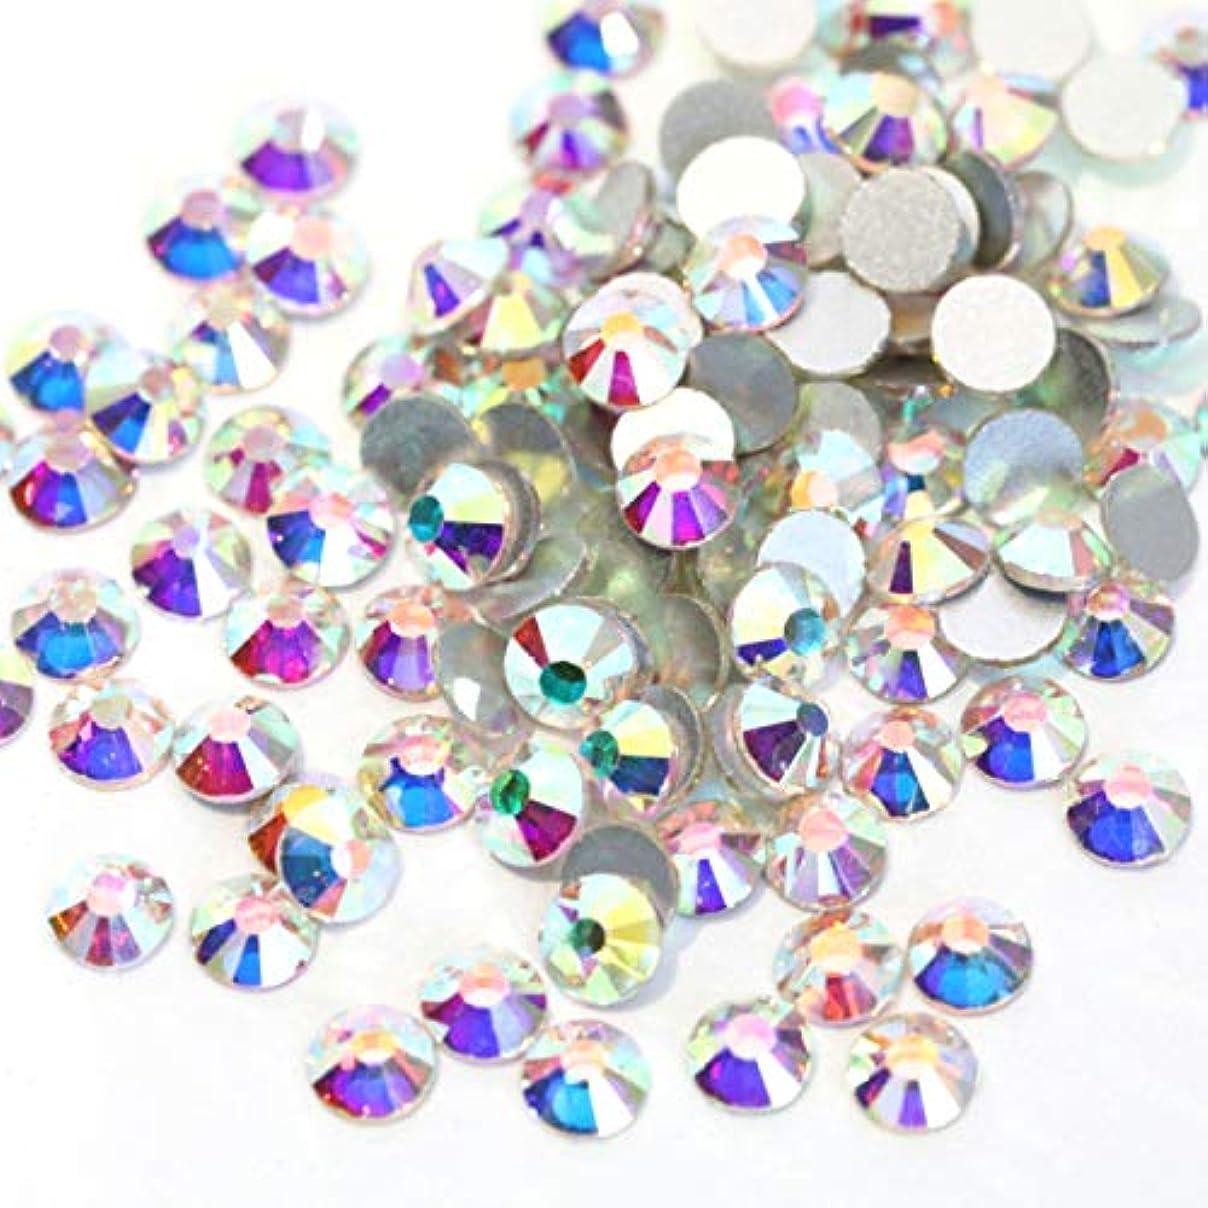 【ラインストーン77】高品質ガラス製ラインストーン 色/サイズ選択可 SS3~SS50 (オーロラクリスタル, SS12:約3.0mm(約200粒))